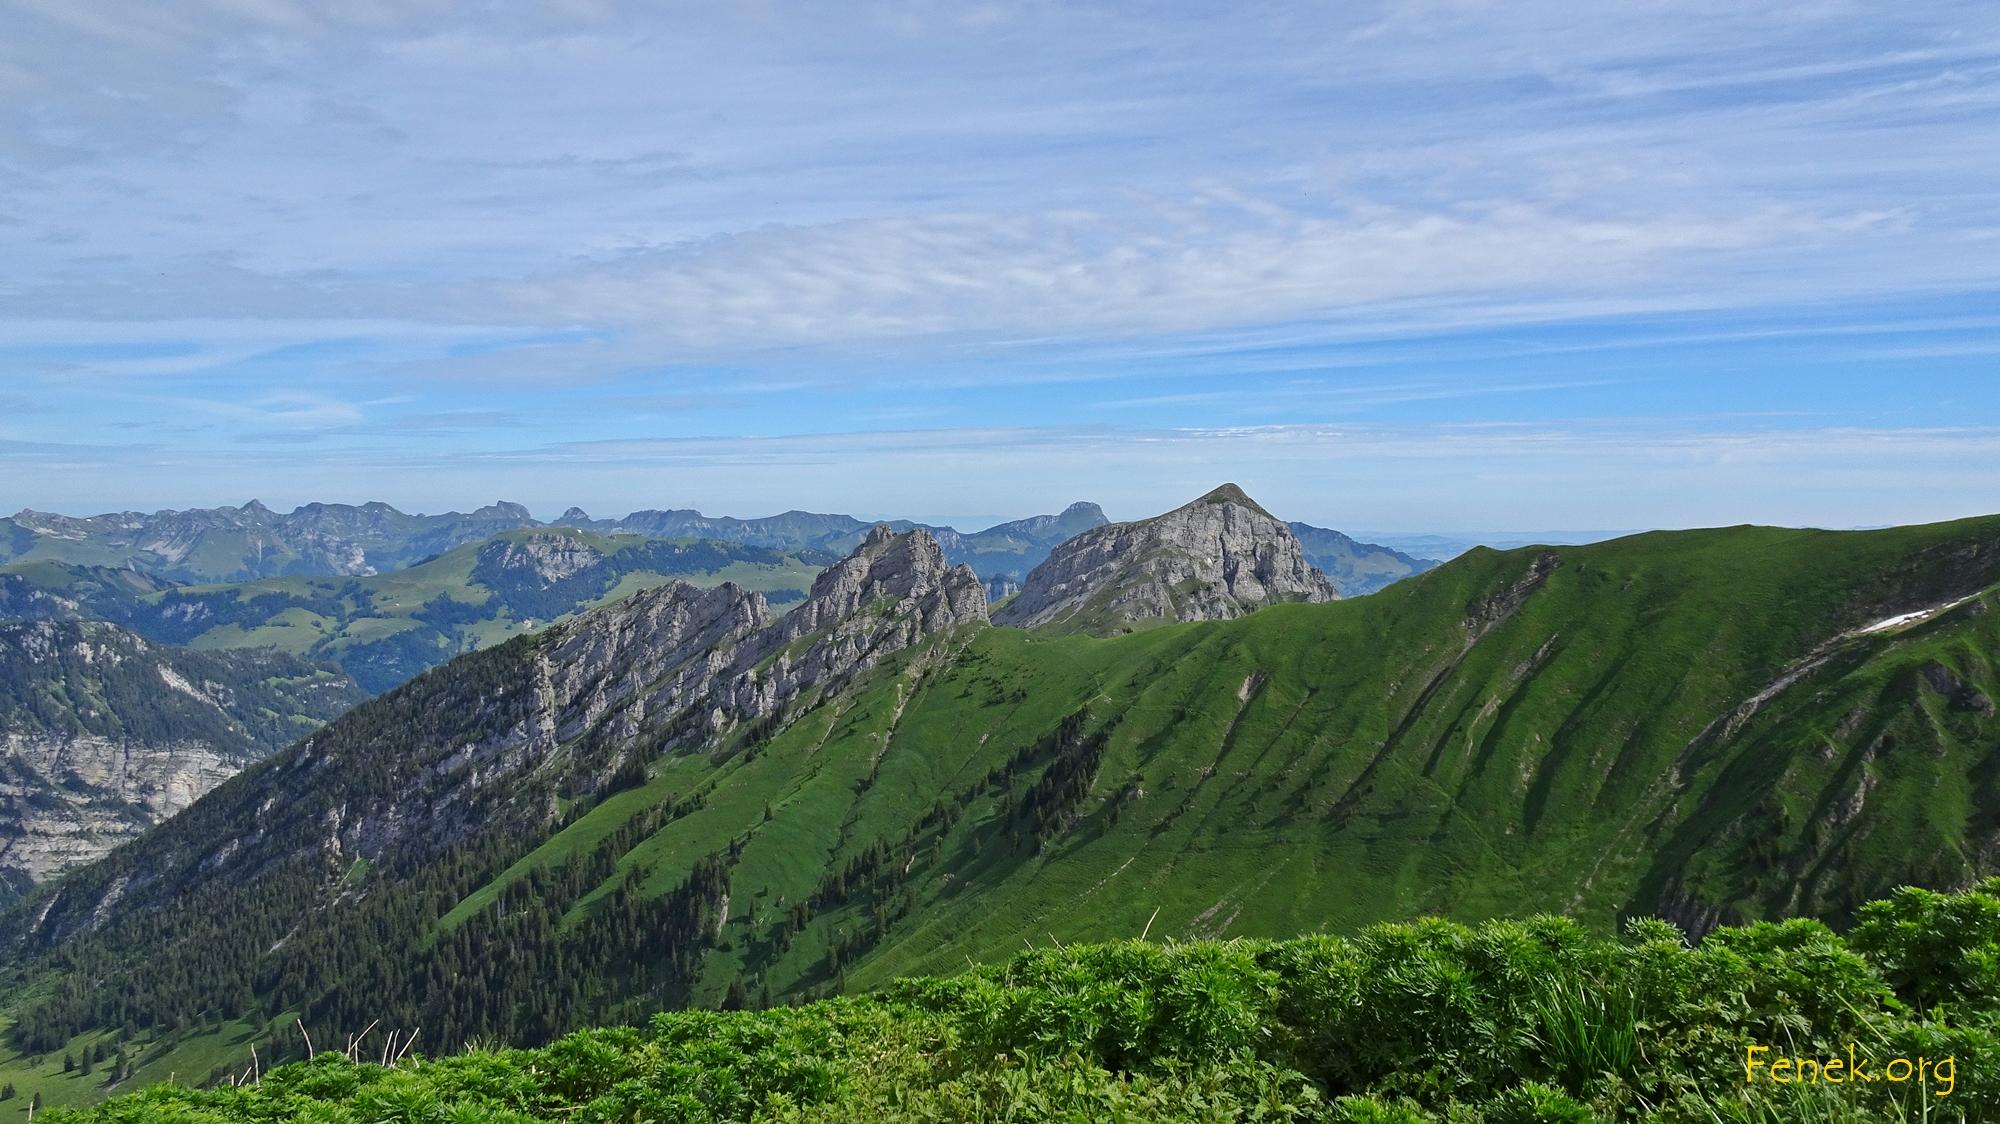 Gurbsgrat und Tierlaufhore - dann Wiriehorn - ganz hinten Stockhornkette